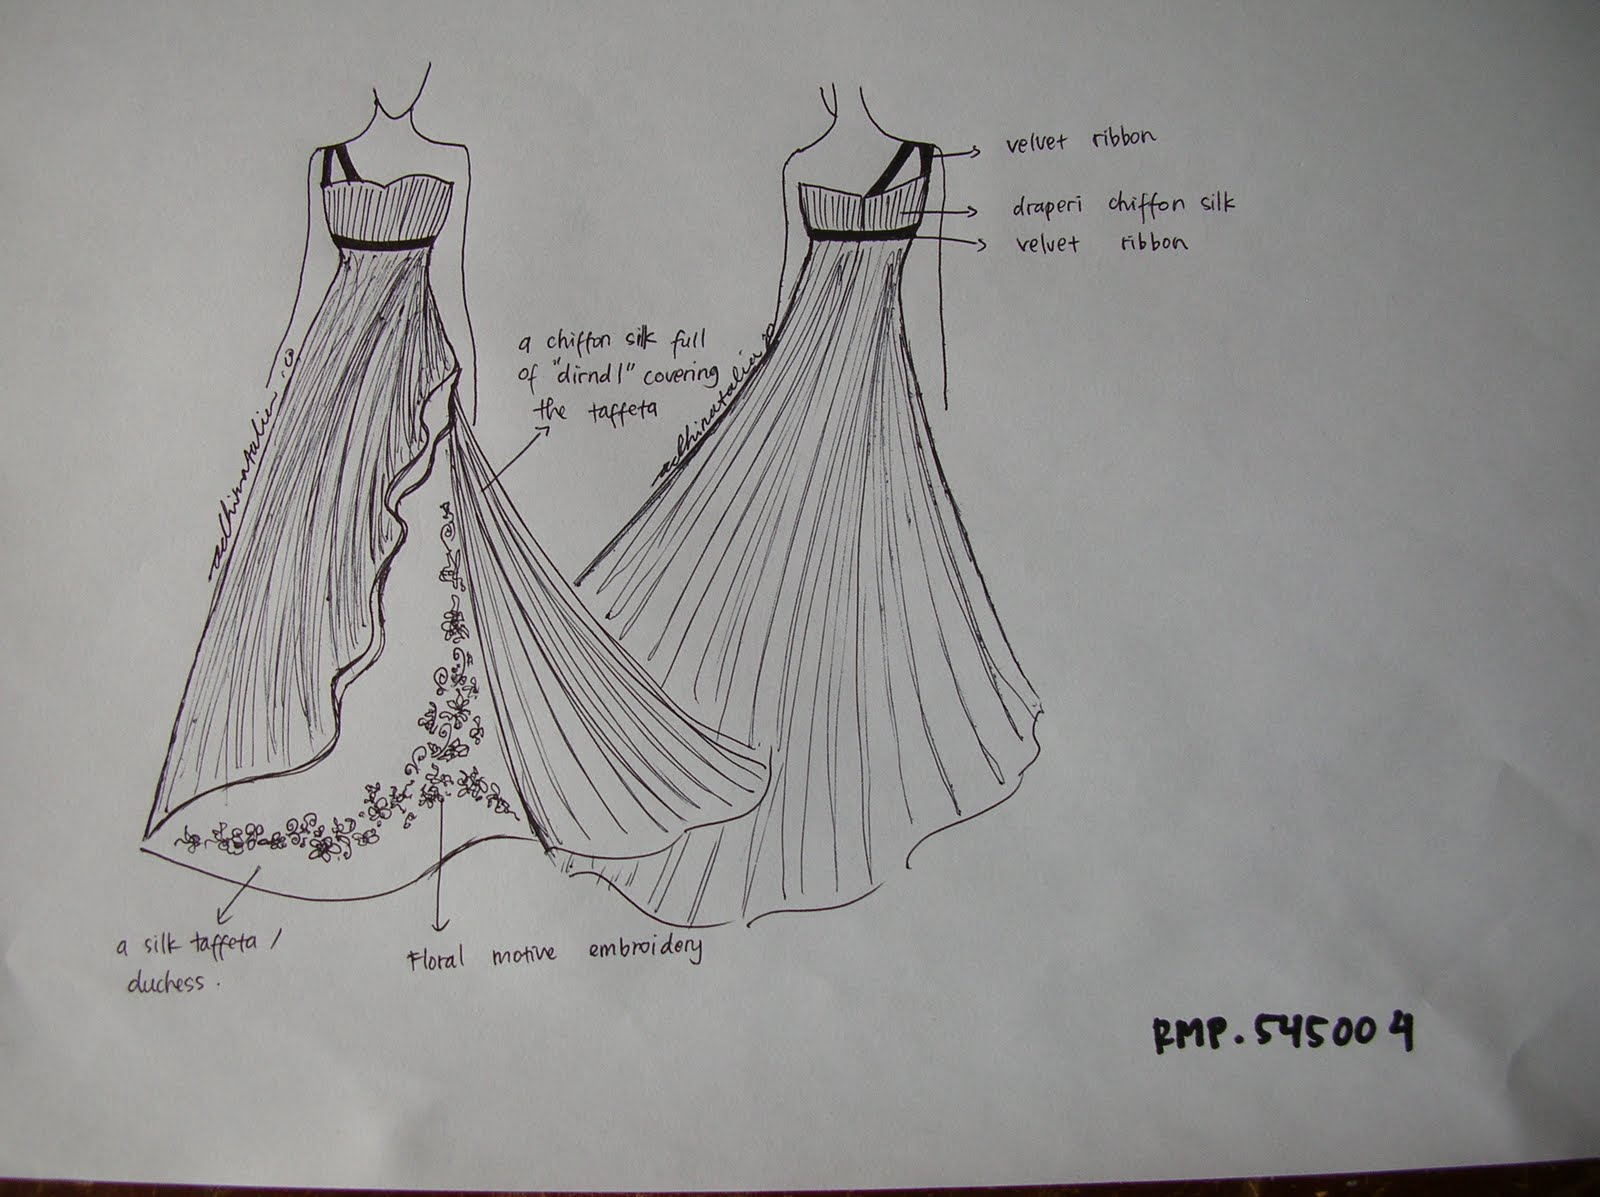 Kumpulan Sketsa Gambar Penjahit Pakaian